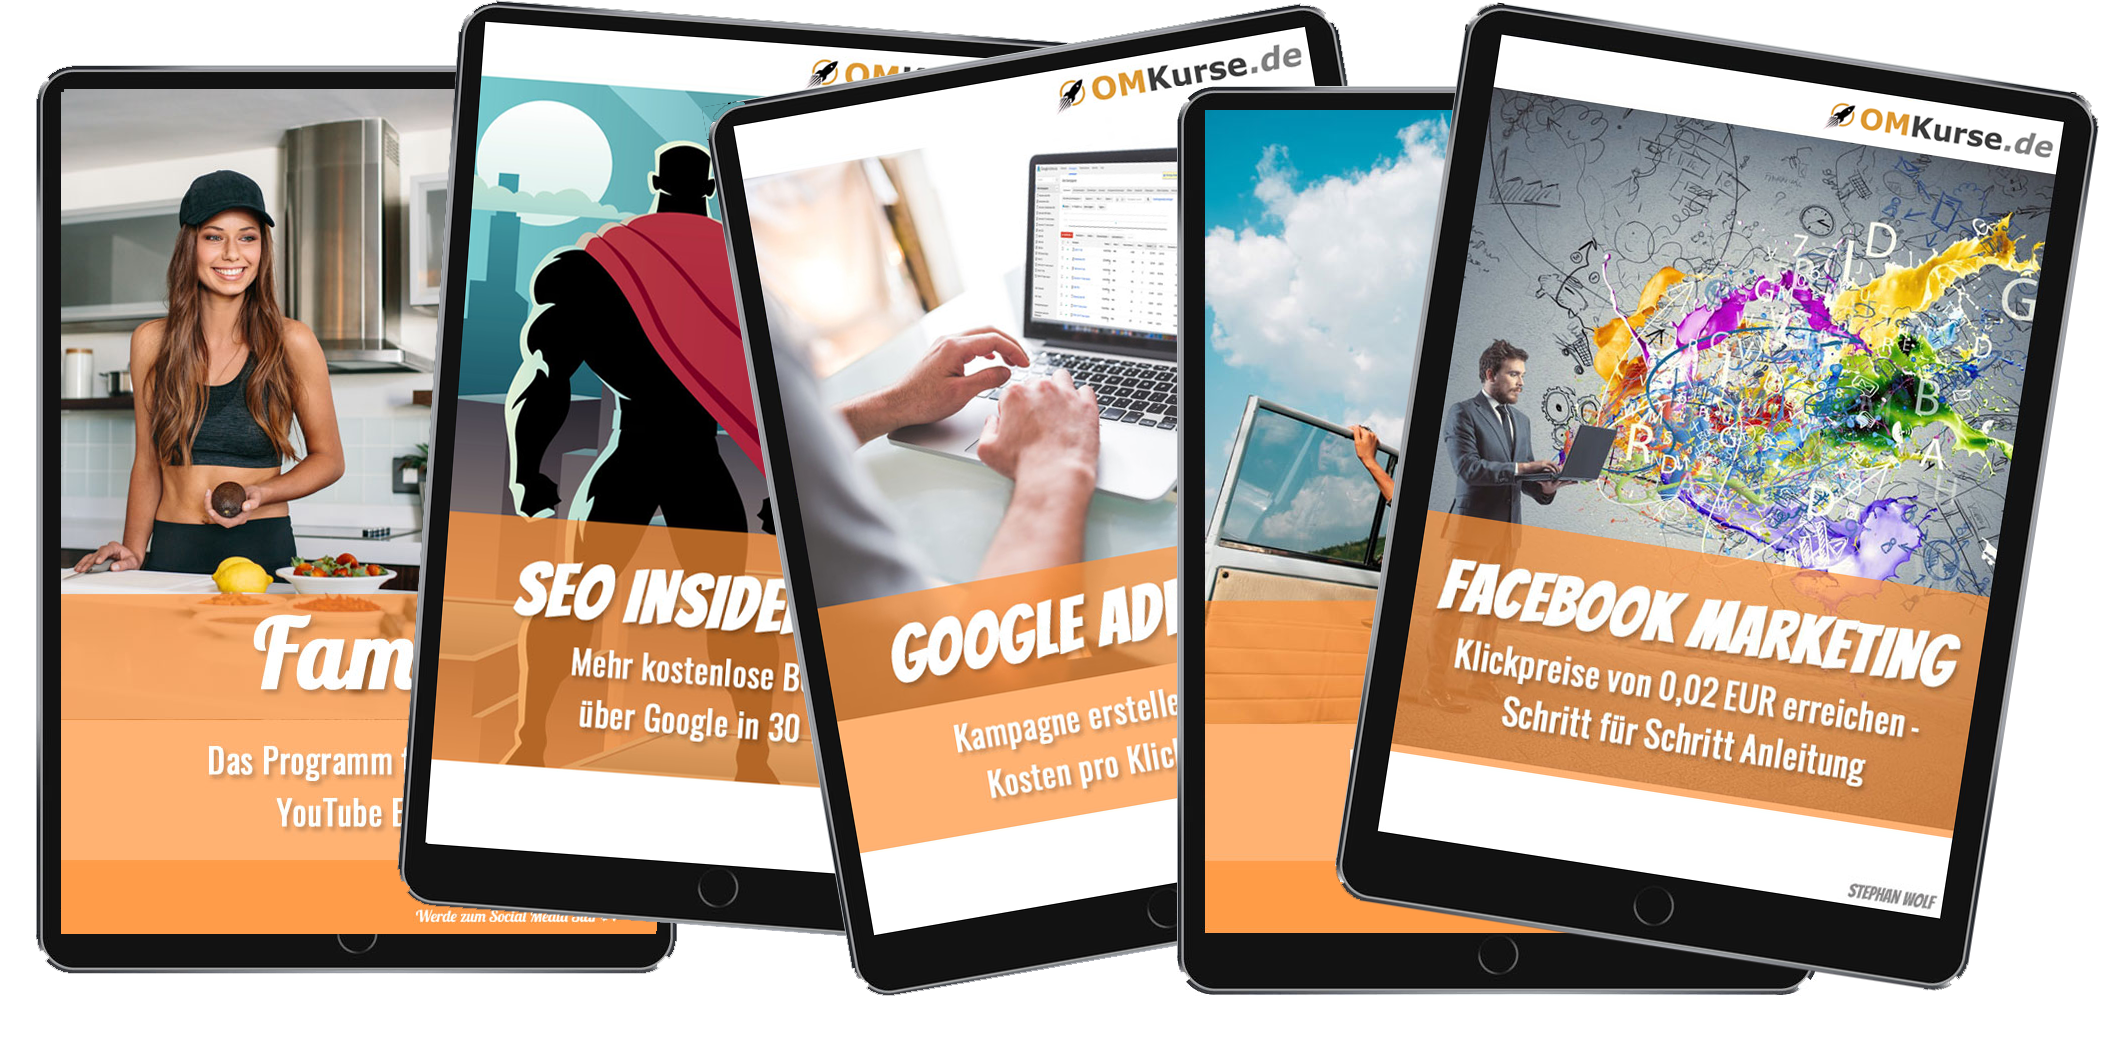 Zugang zu allen Online Marketing Kursen freischalten (einmalig 99,- €)